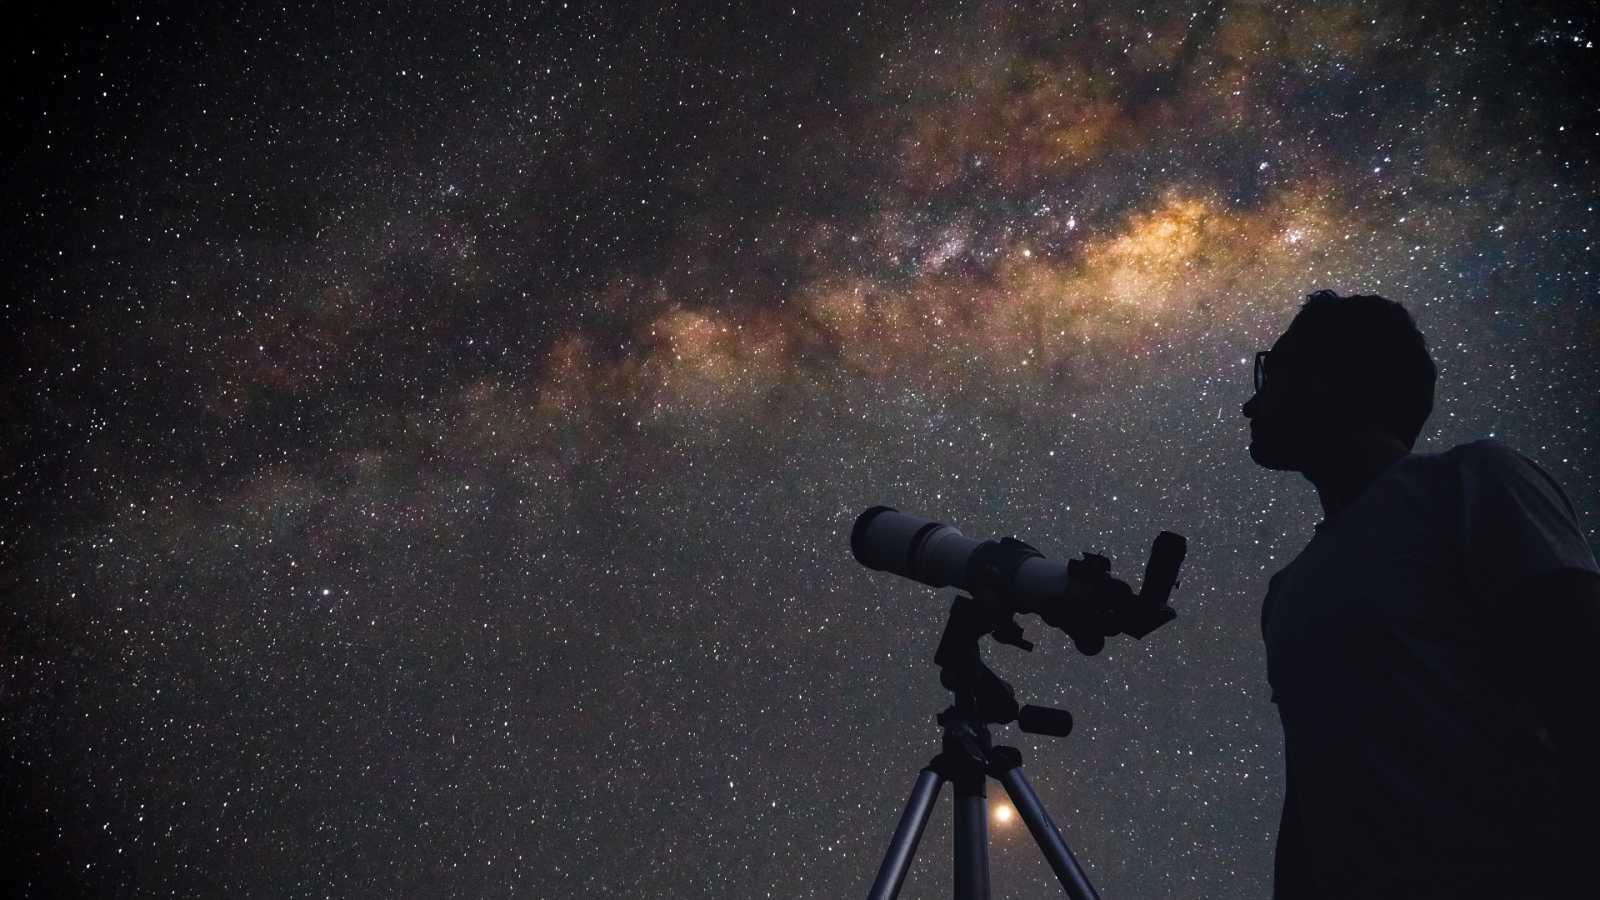 Alumnos de dos institutos de Canarias descubren dos estrellas